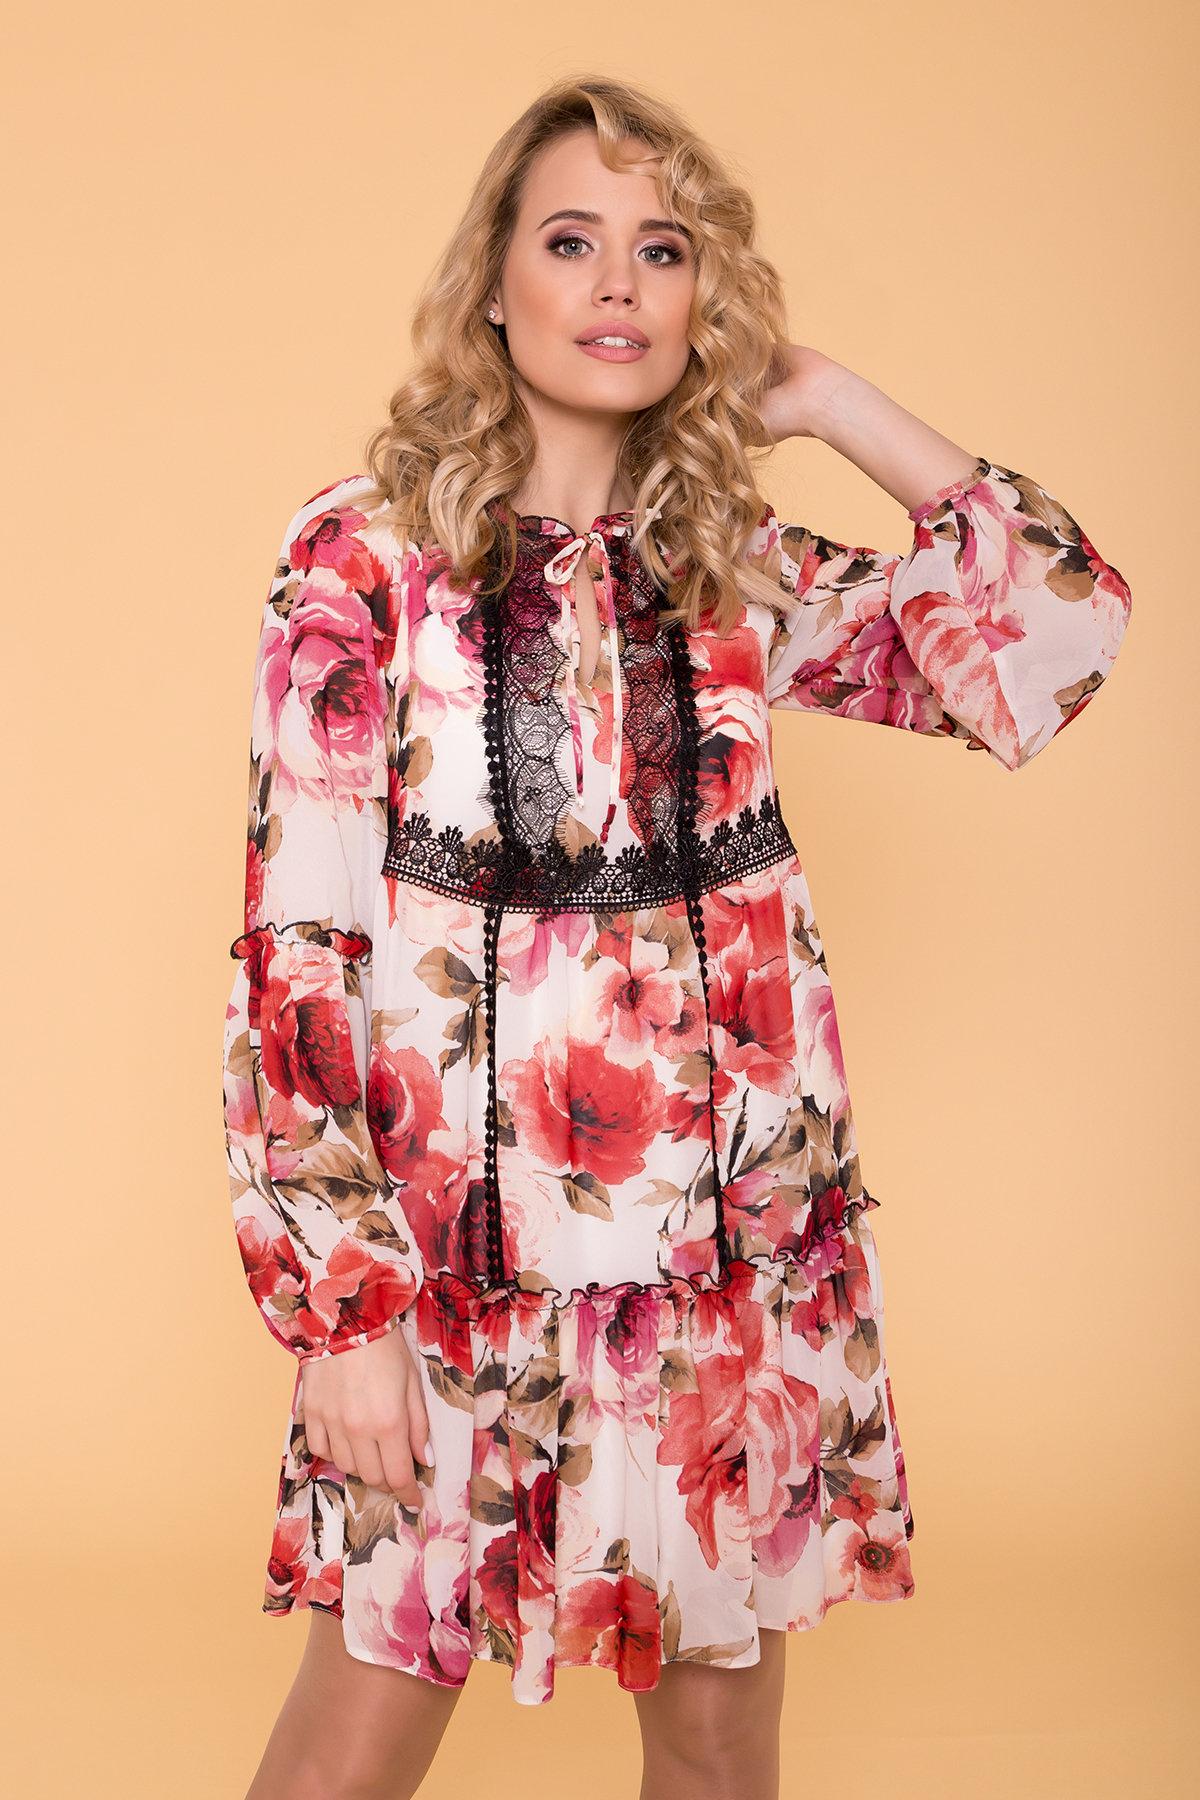 Платье Лотти 6492 АРТ. 41968 Цвет: Розы молоко/коралл/молоко - фото 3, интернет магазин tm-modus.ru